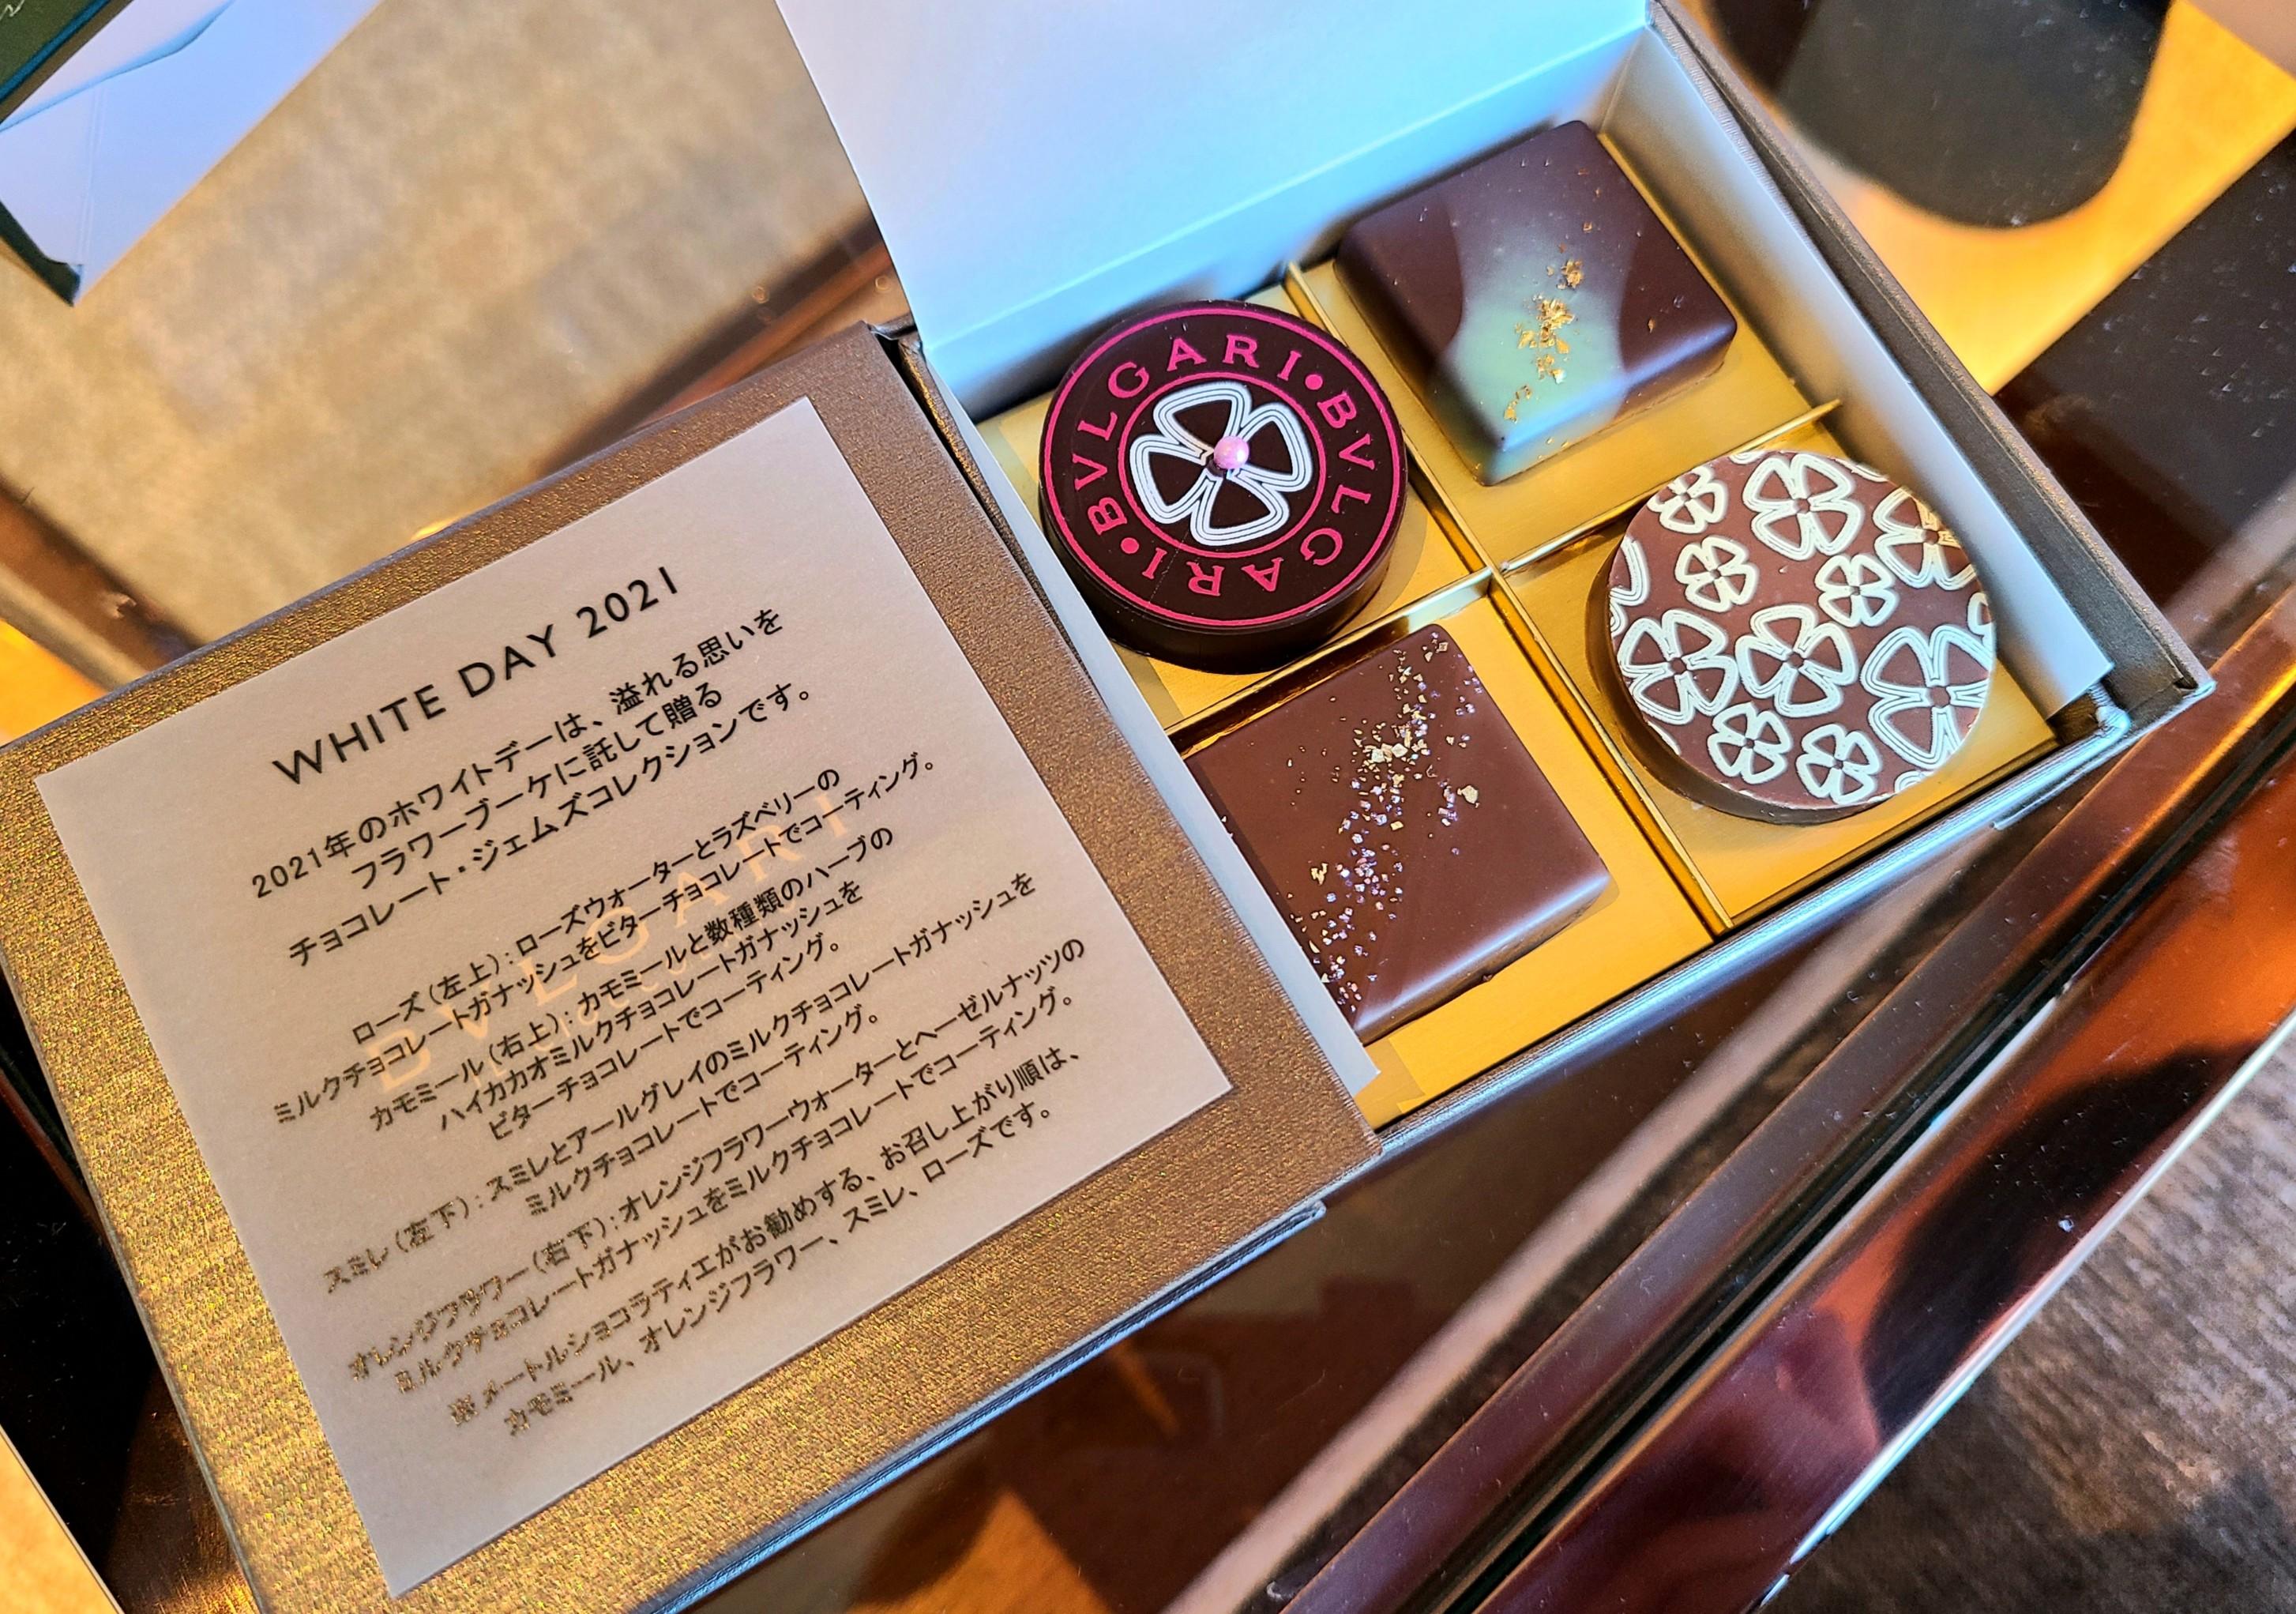 【BVLGARI】特別感溢れるジュエリーのようなチョコレート_1